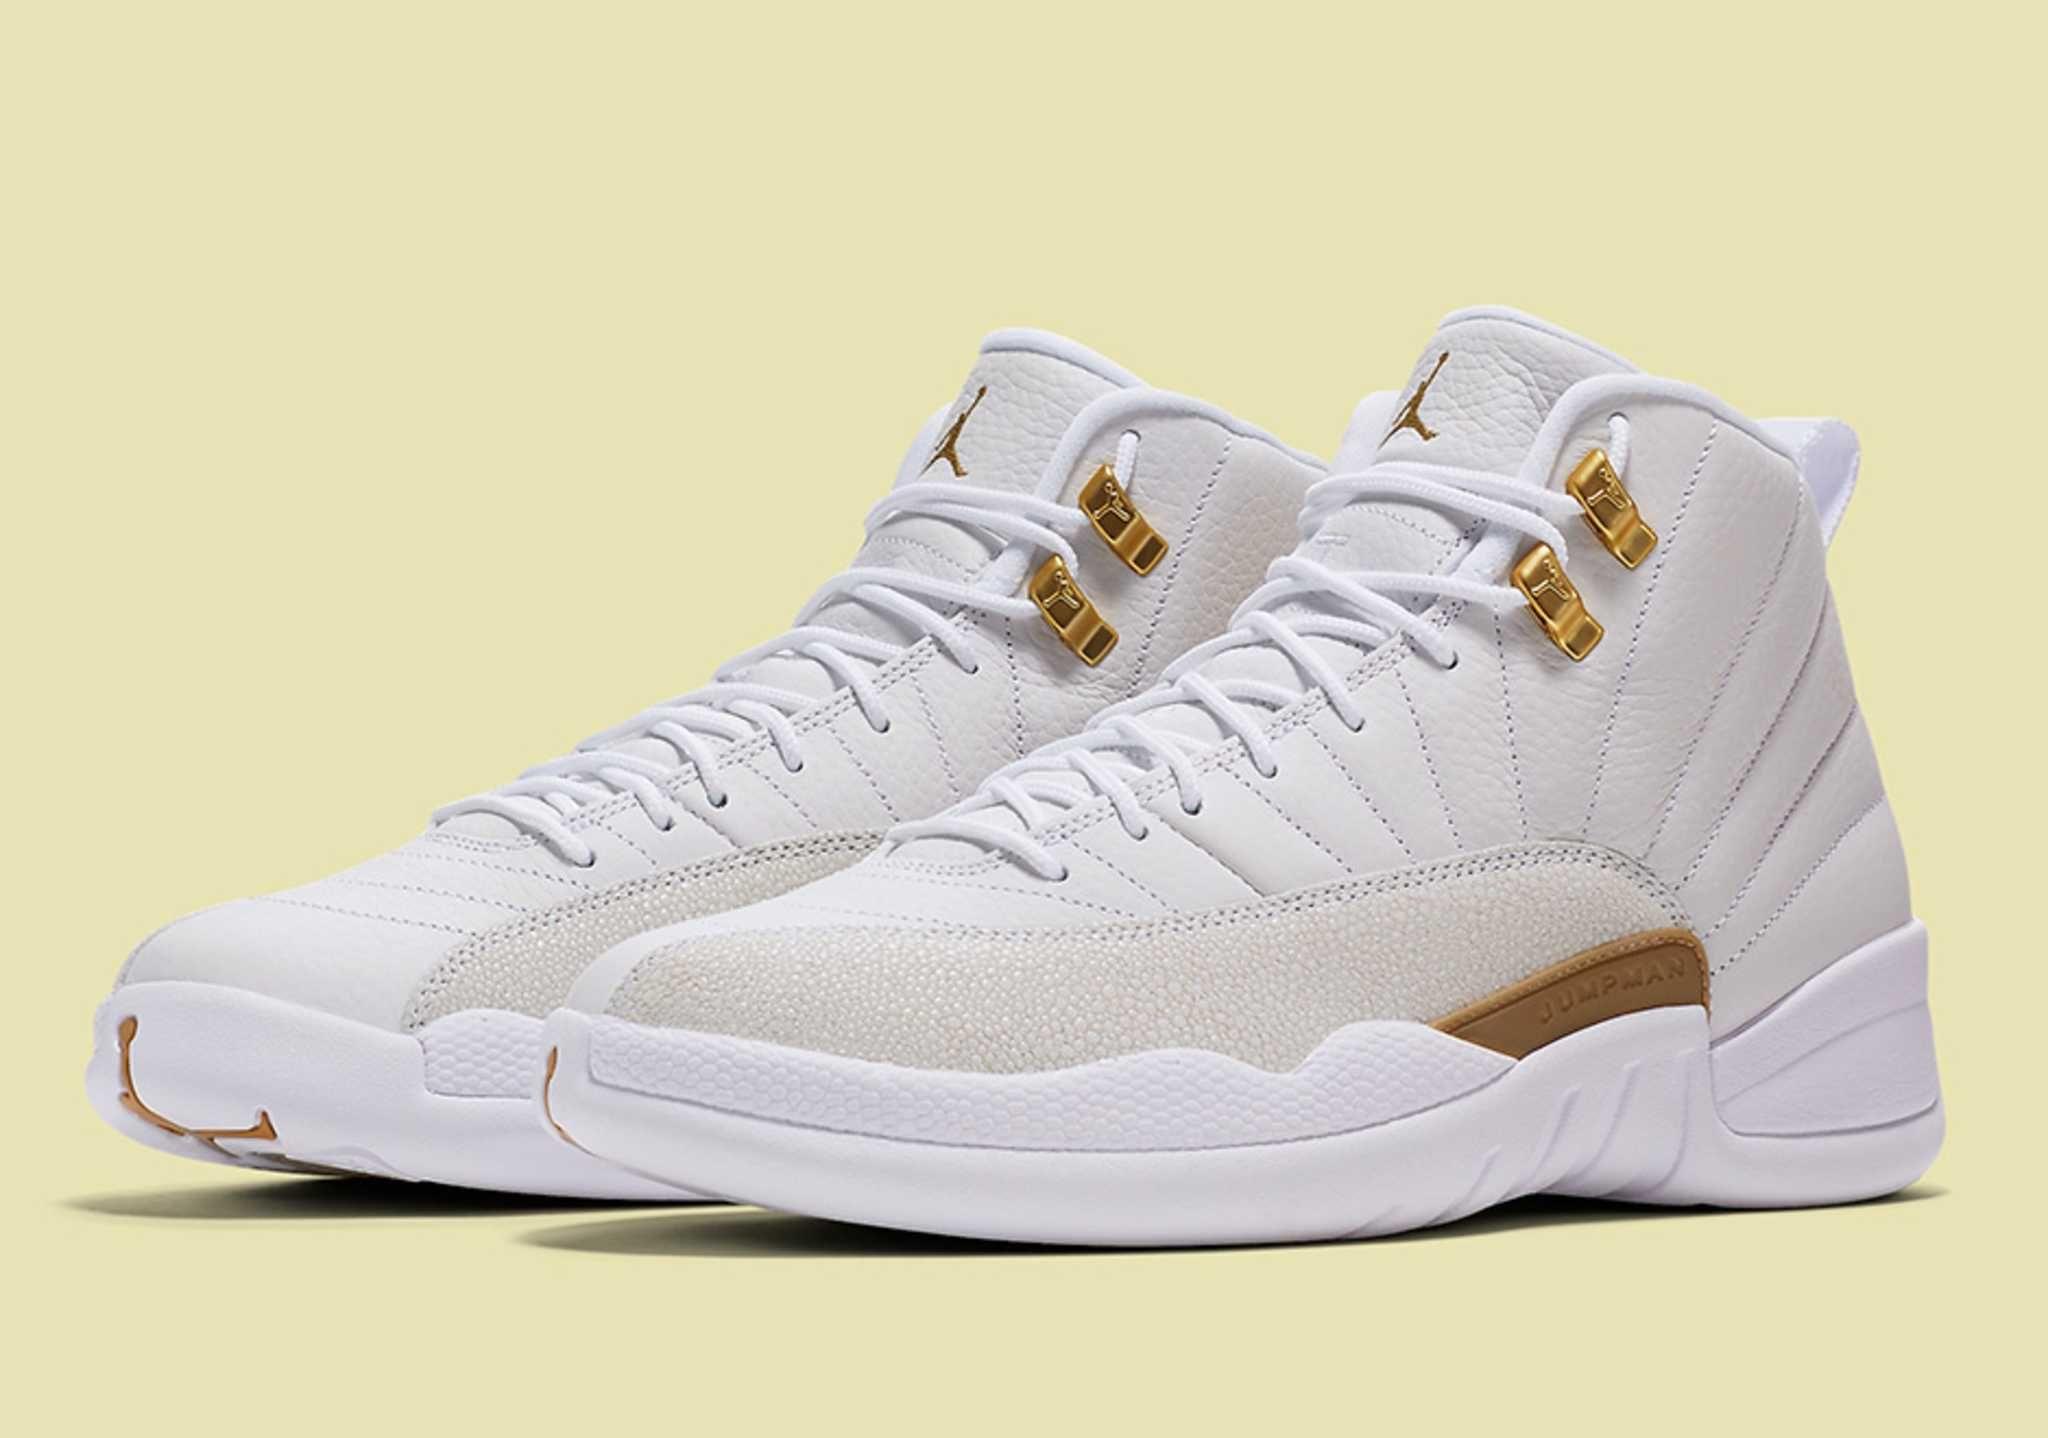 An Official Look At The Air Jordan 12 Ovo White Air Jordans